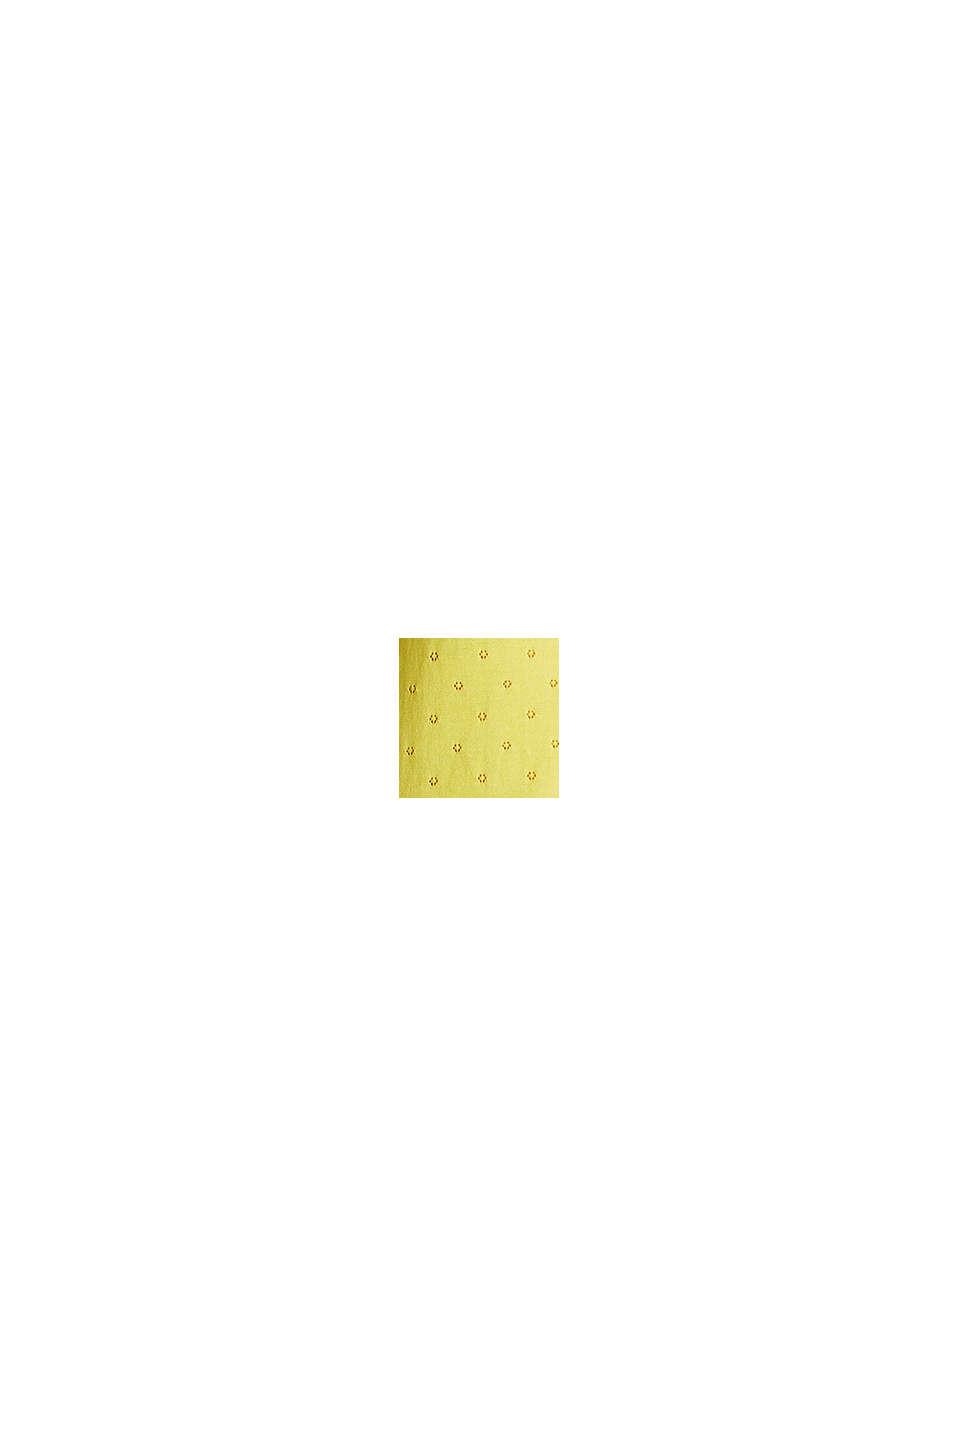 Pull-over orné de dentelle, à manches courtes et motif ajouré, YELLOW, swatch